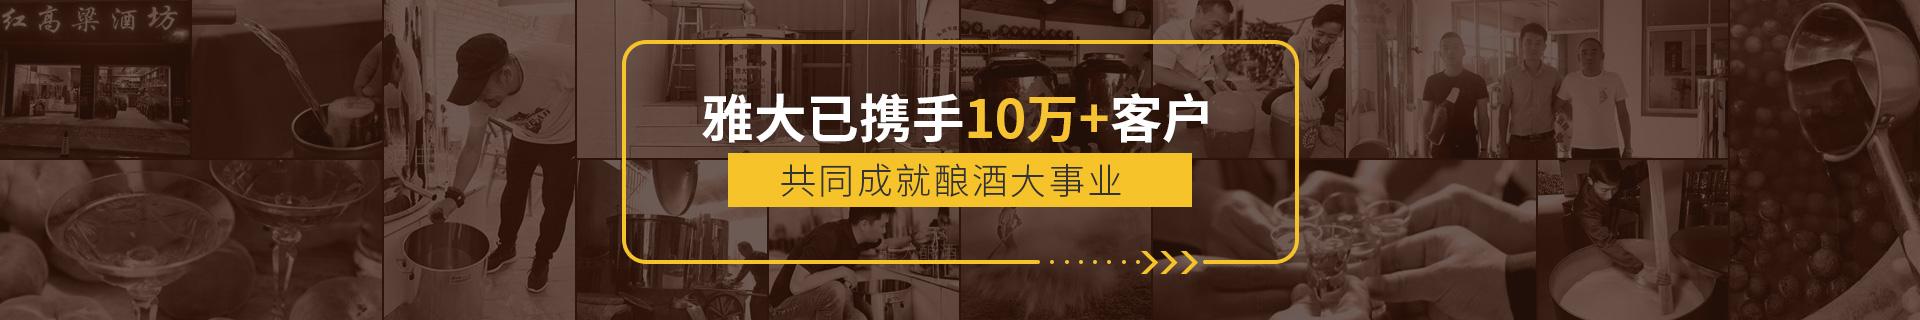 雅大已为超过10万+客户提供酿酒设备及技术服务